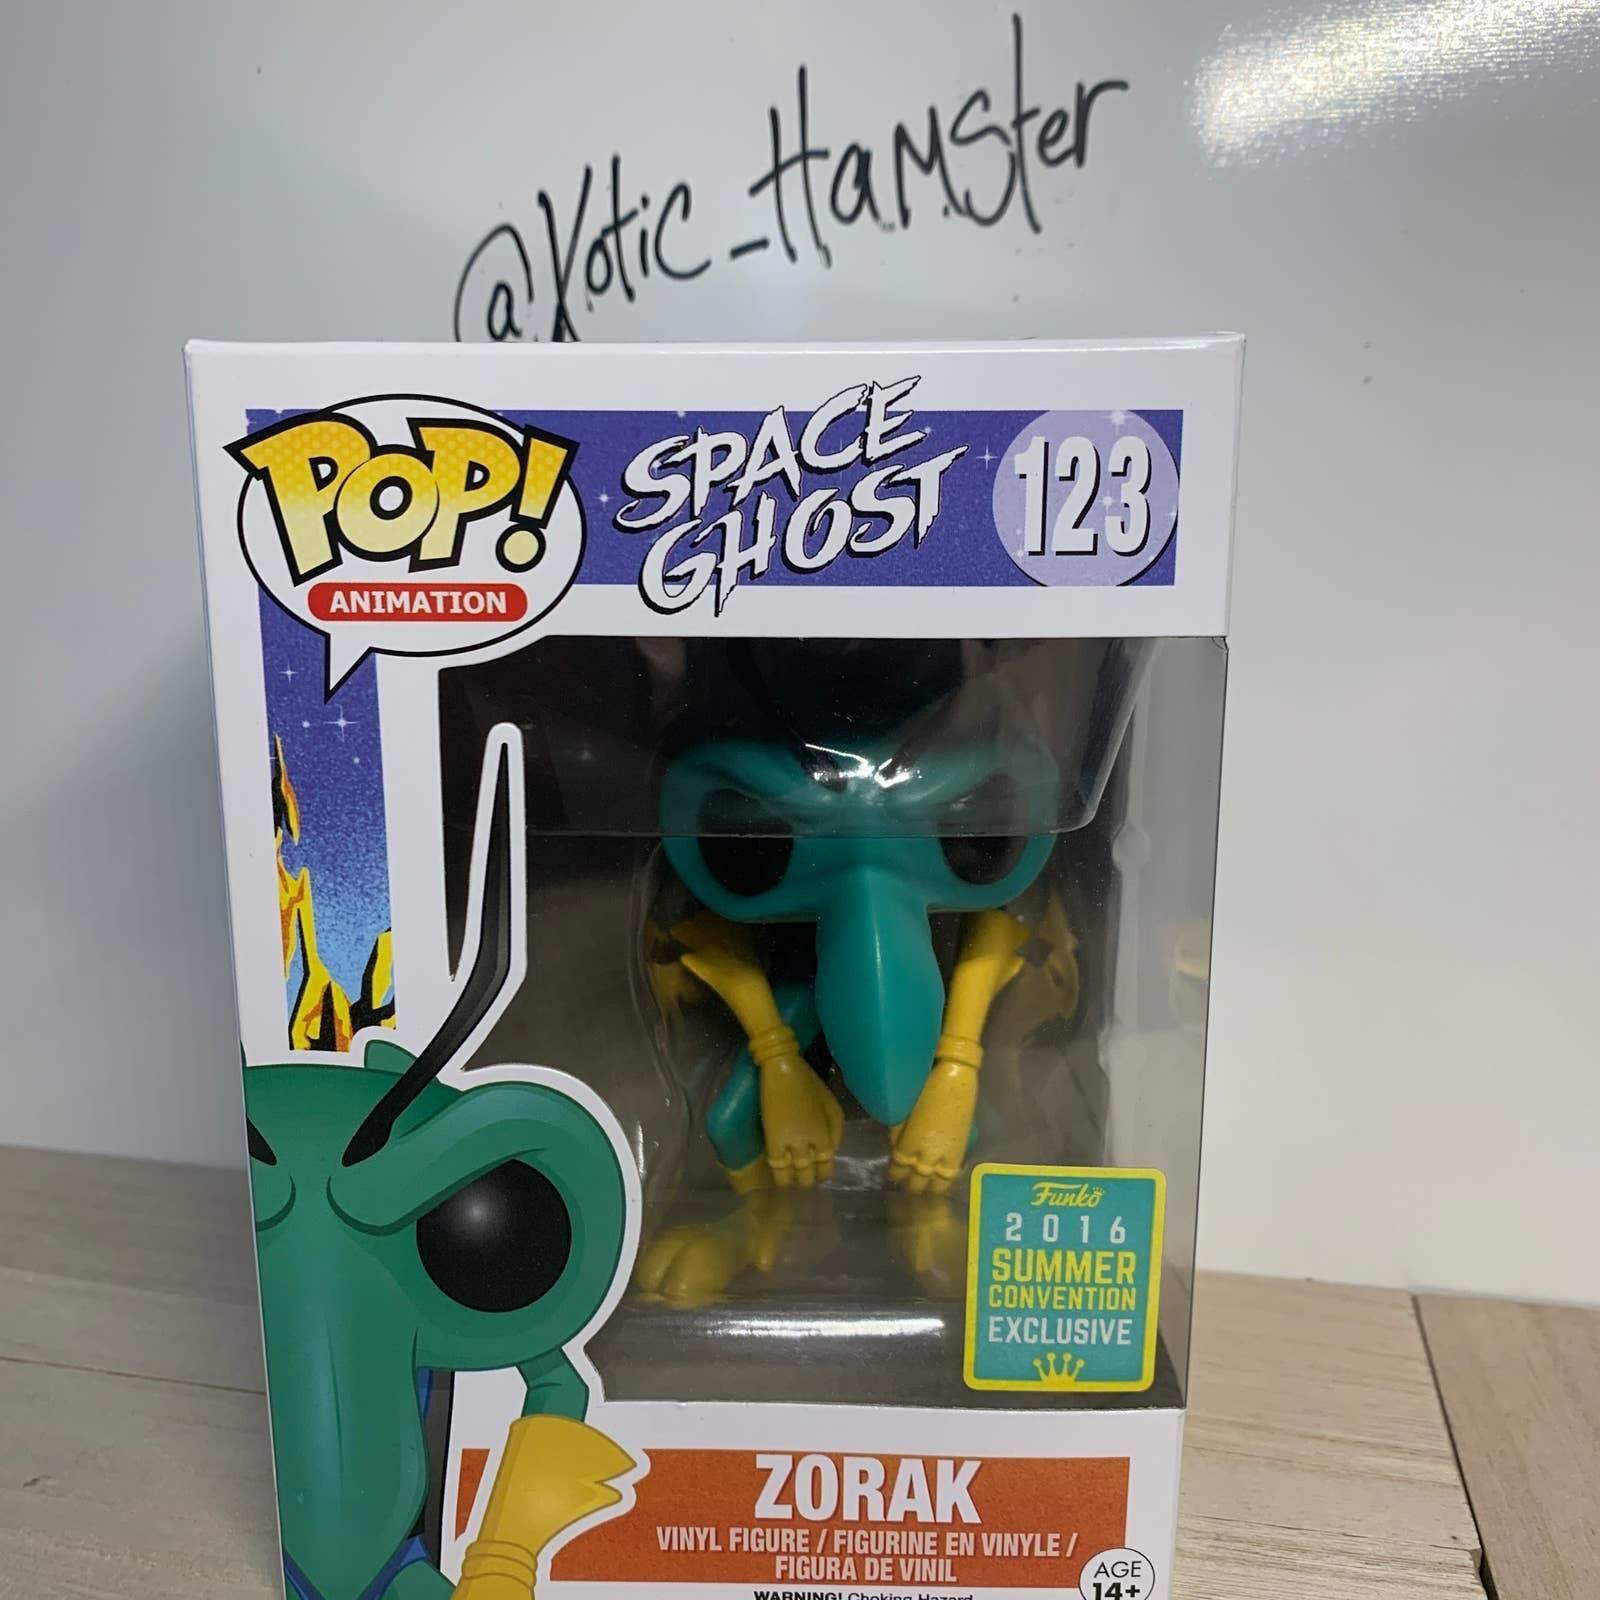 Funko Pop Zorac Space Ghost SDCC